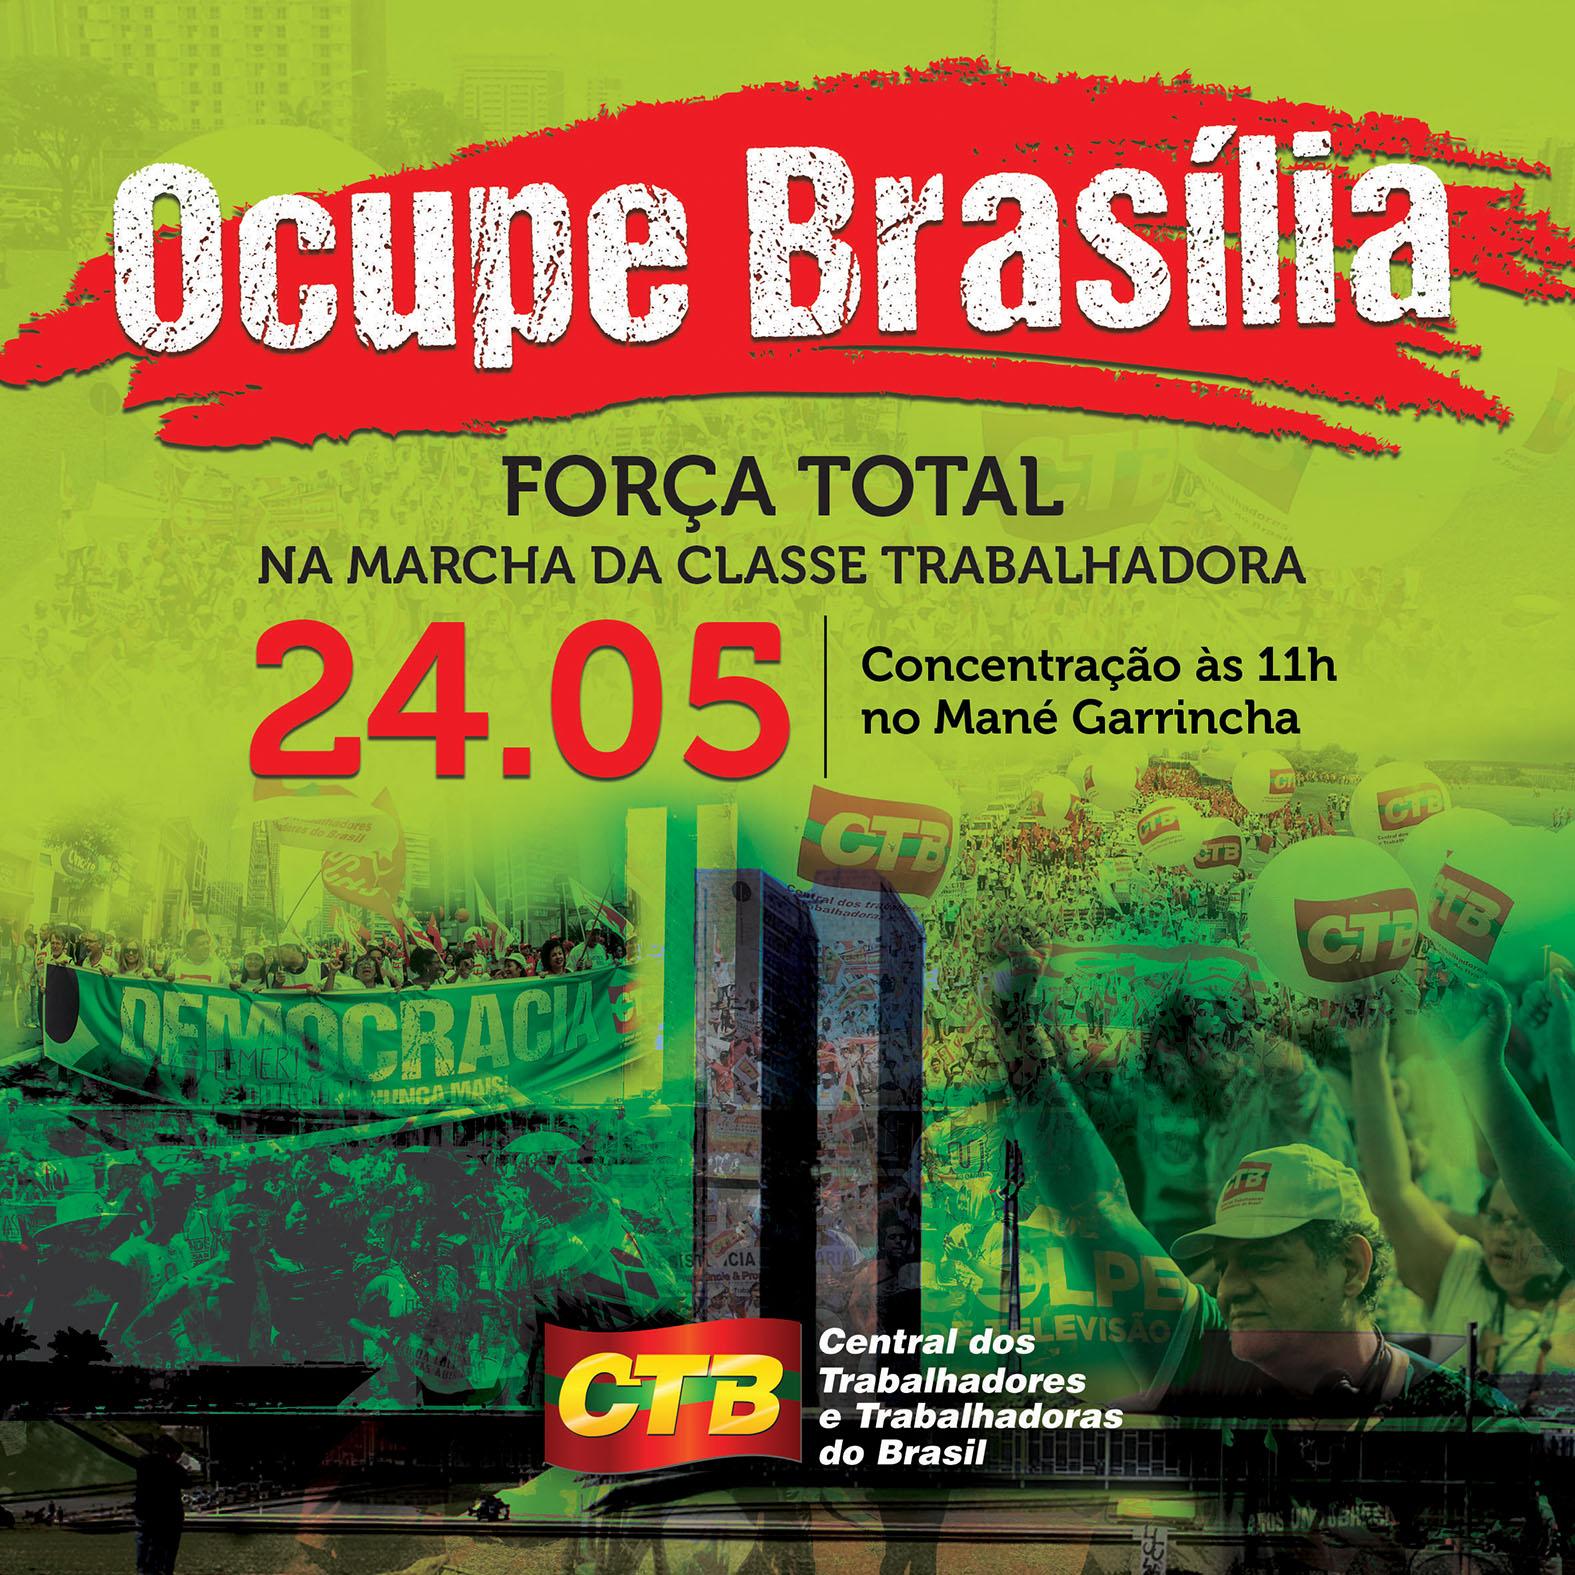 Ocupa brasilia 240517 cartaz